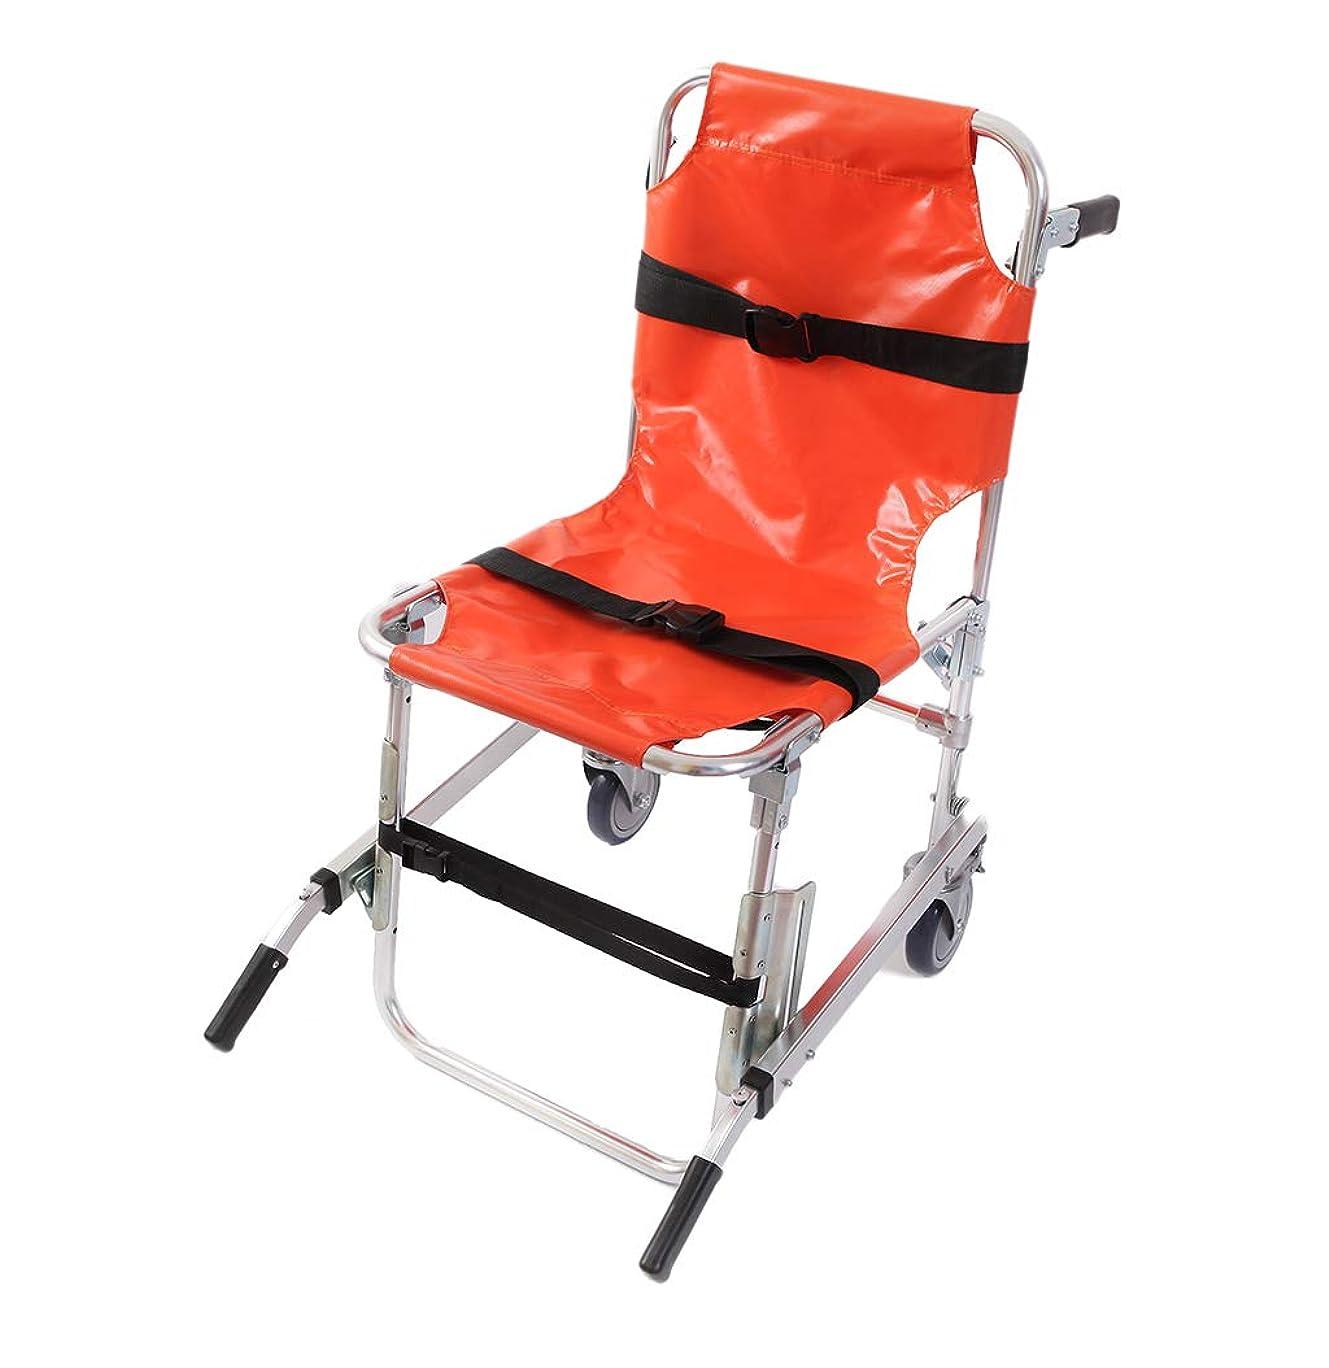 と類推ミュウミュウEMS階段椅子、アルミニウムの軽量2クイックリリースバックル付きリフト付き医療輸送椅子